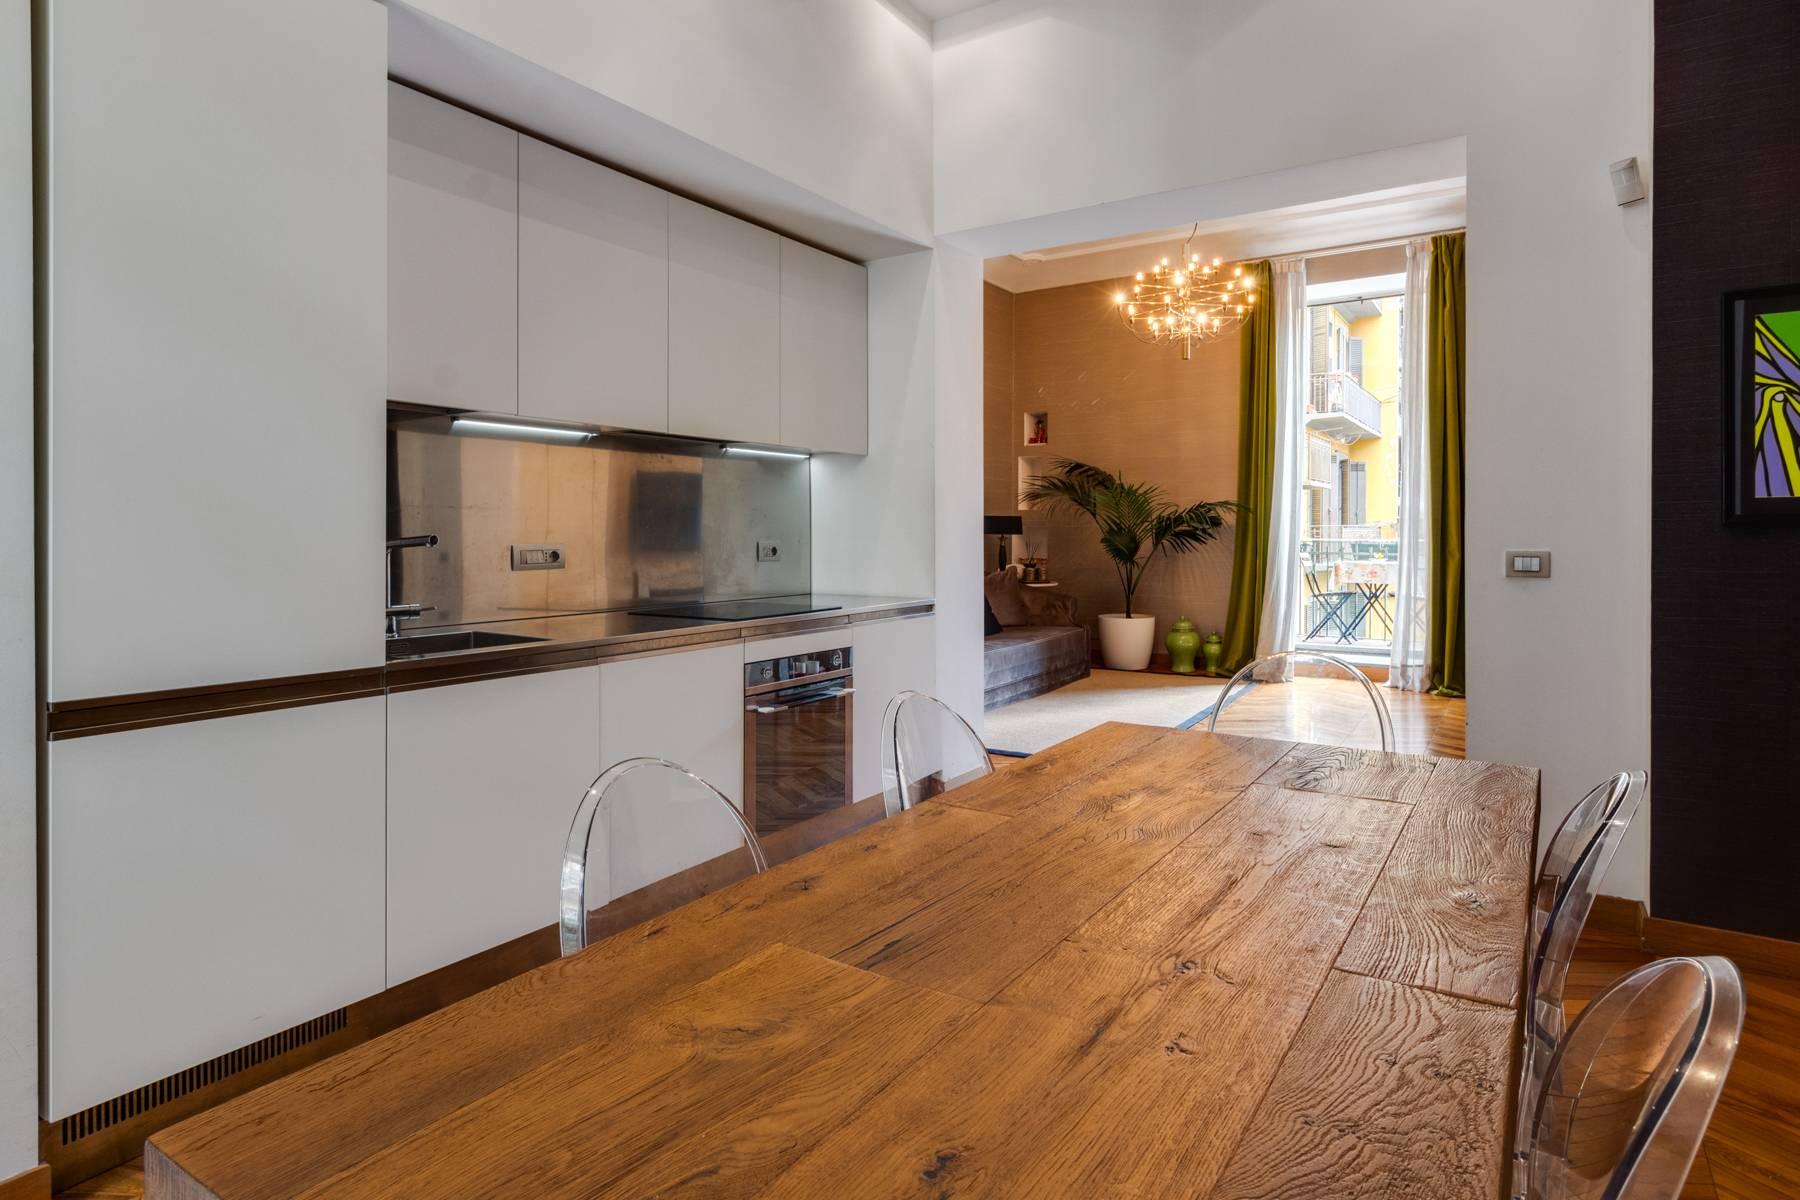 Appartamento in Vendita a Torino: 4 locali, 118 mq - Foto 2